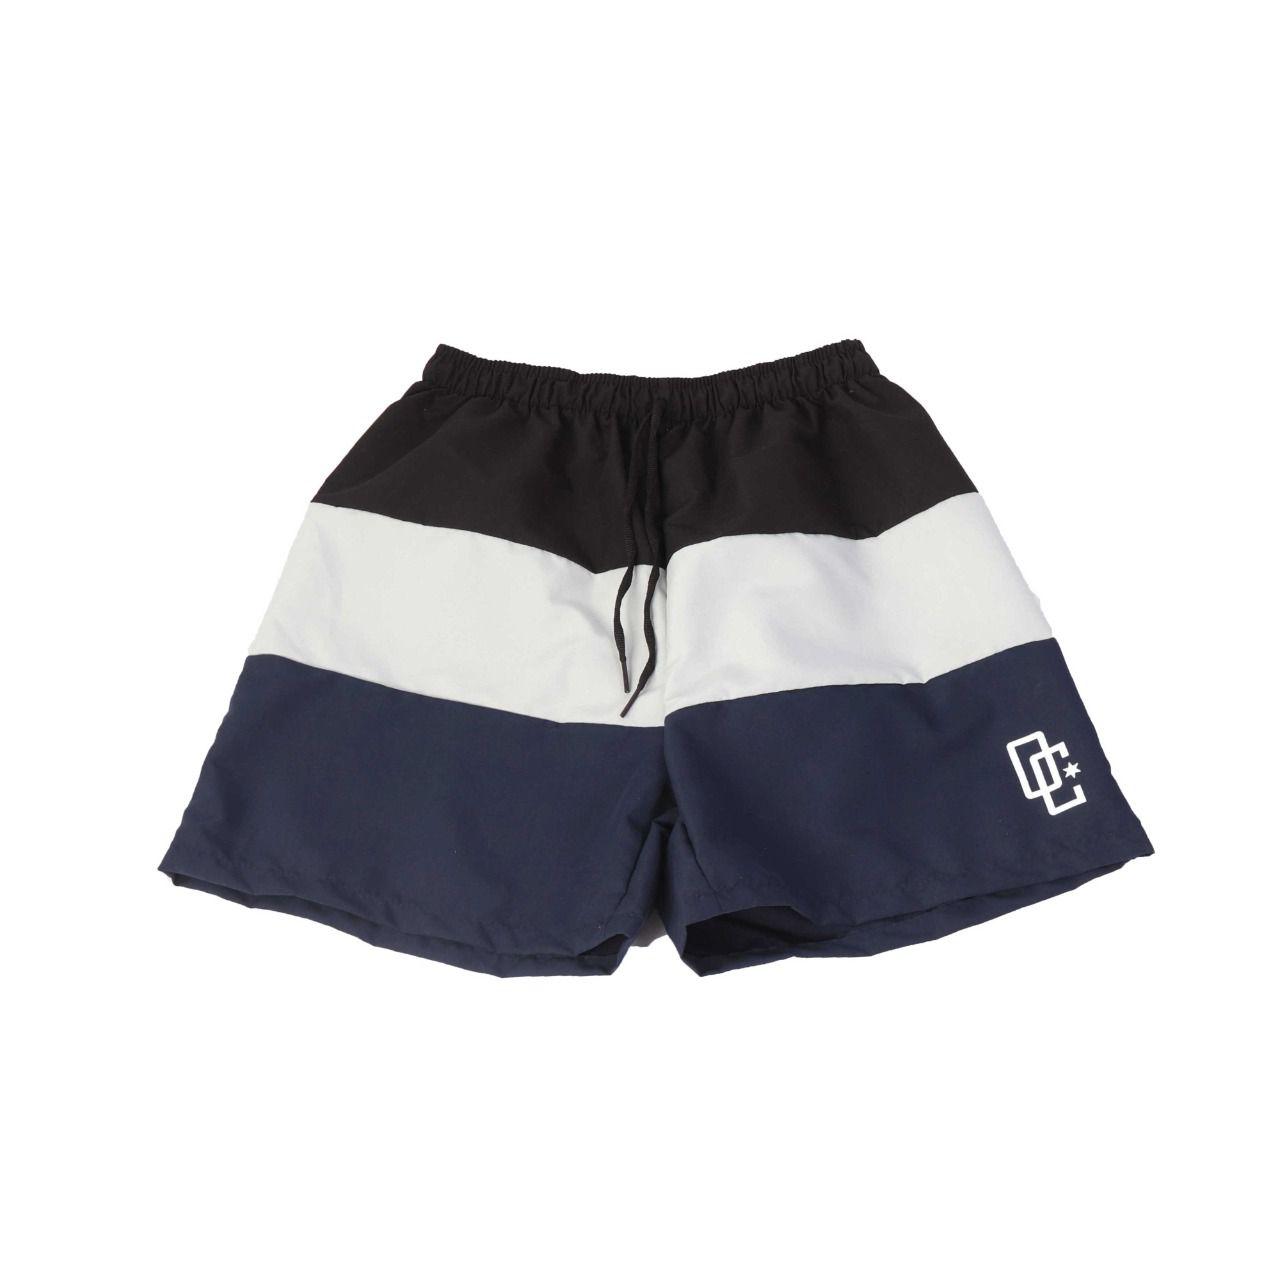 Shorts Overcome